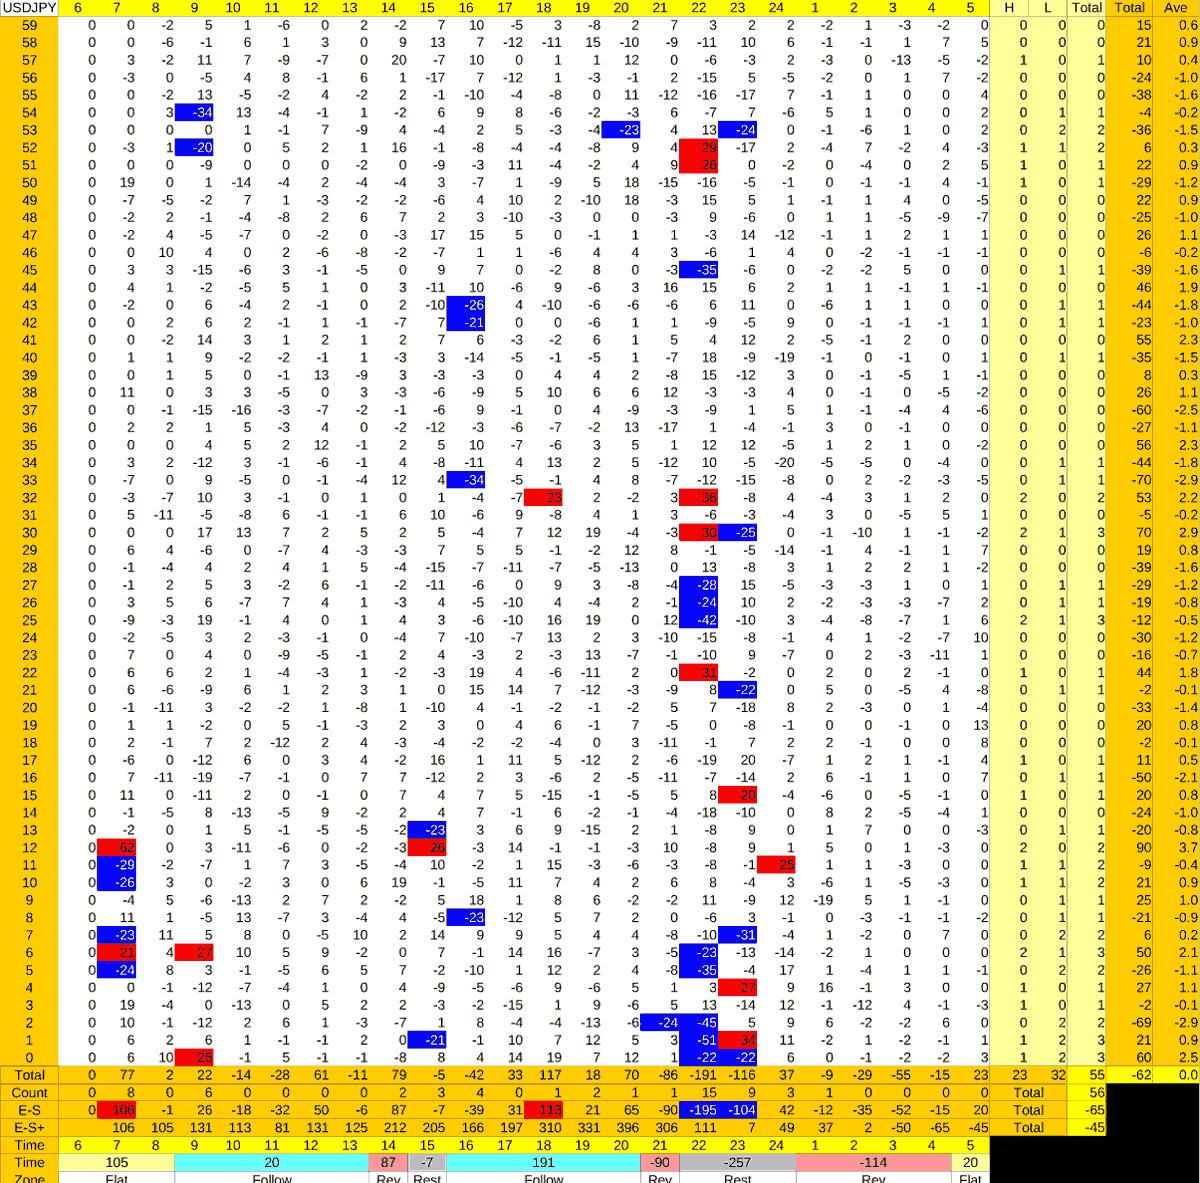 20210823_HS(1)USDJPY